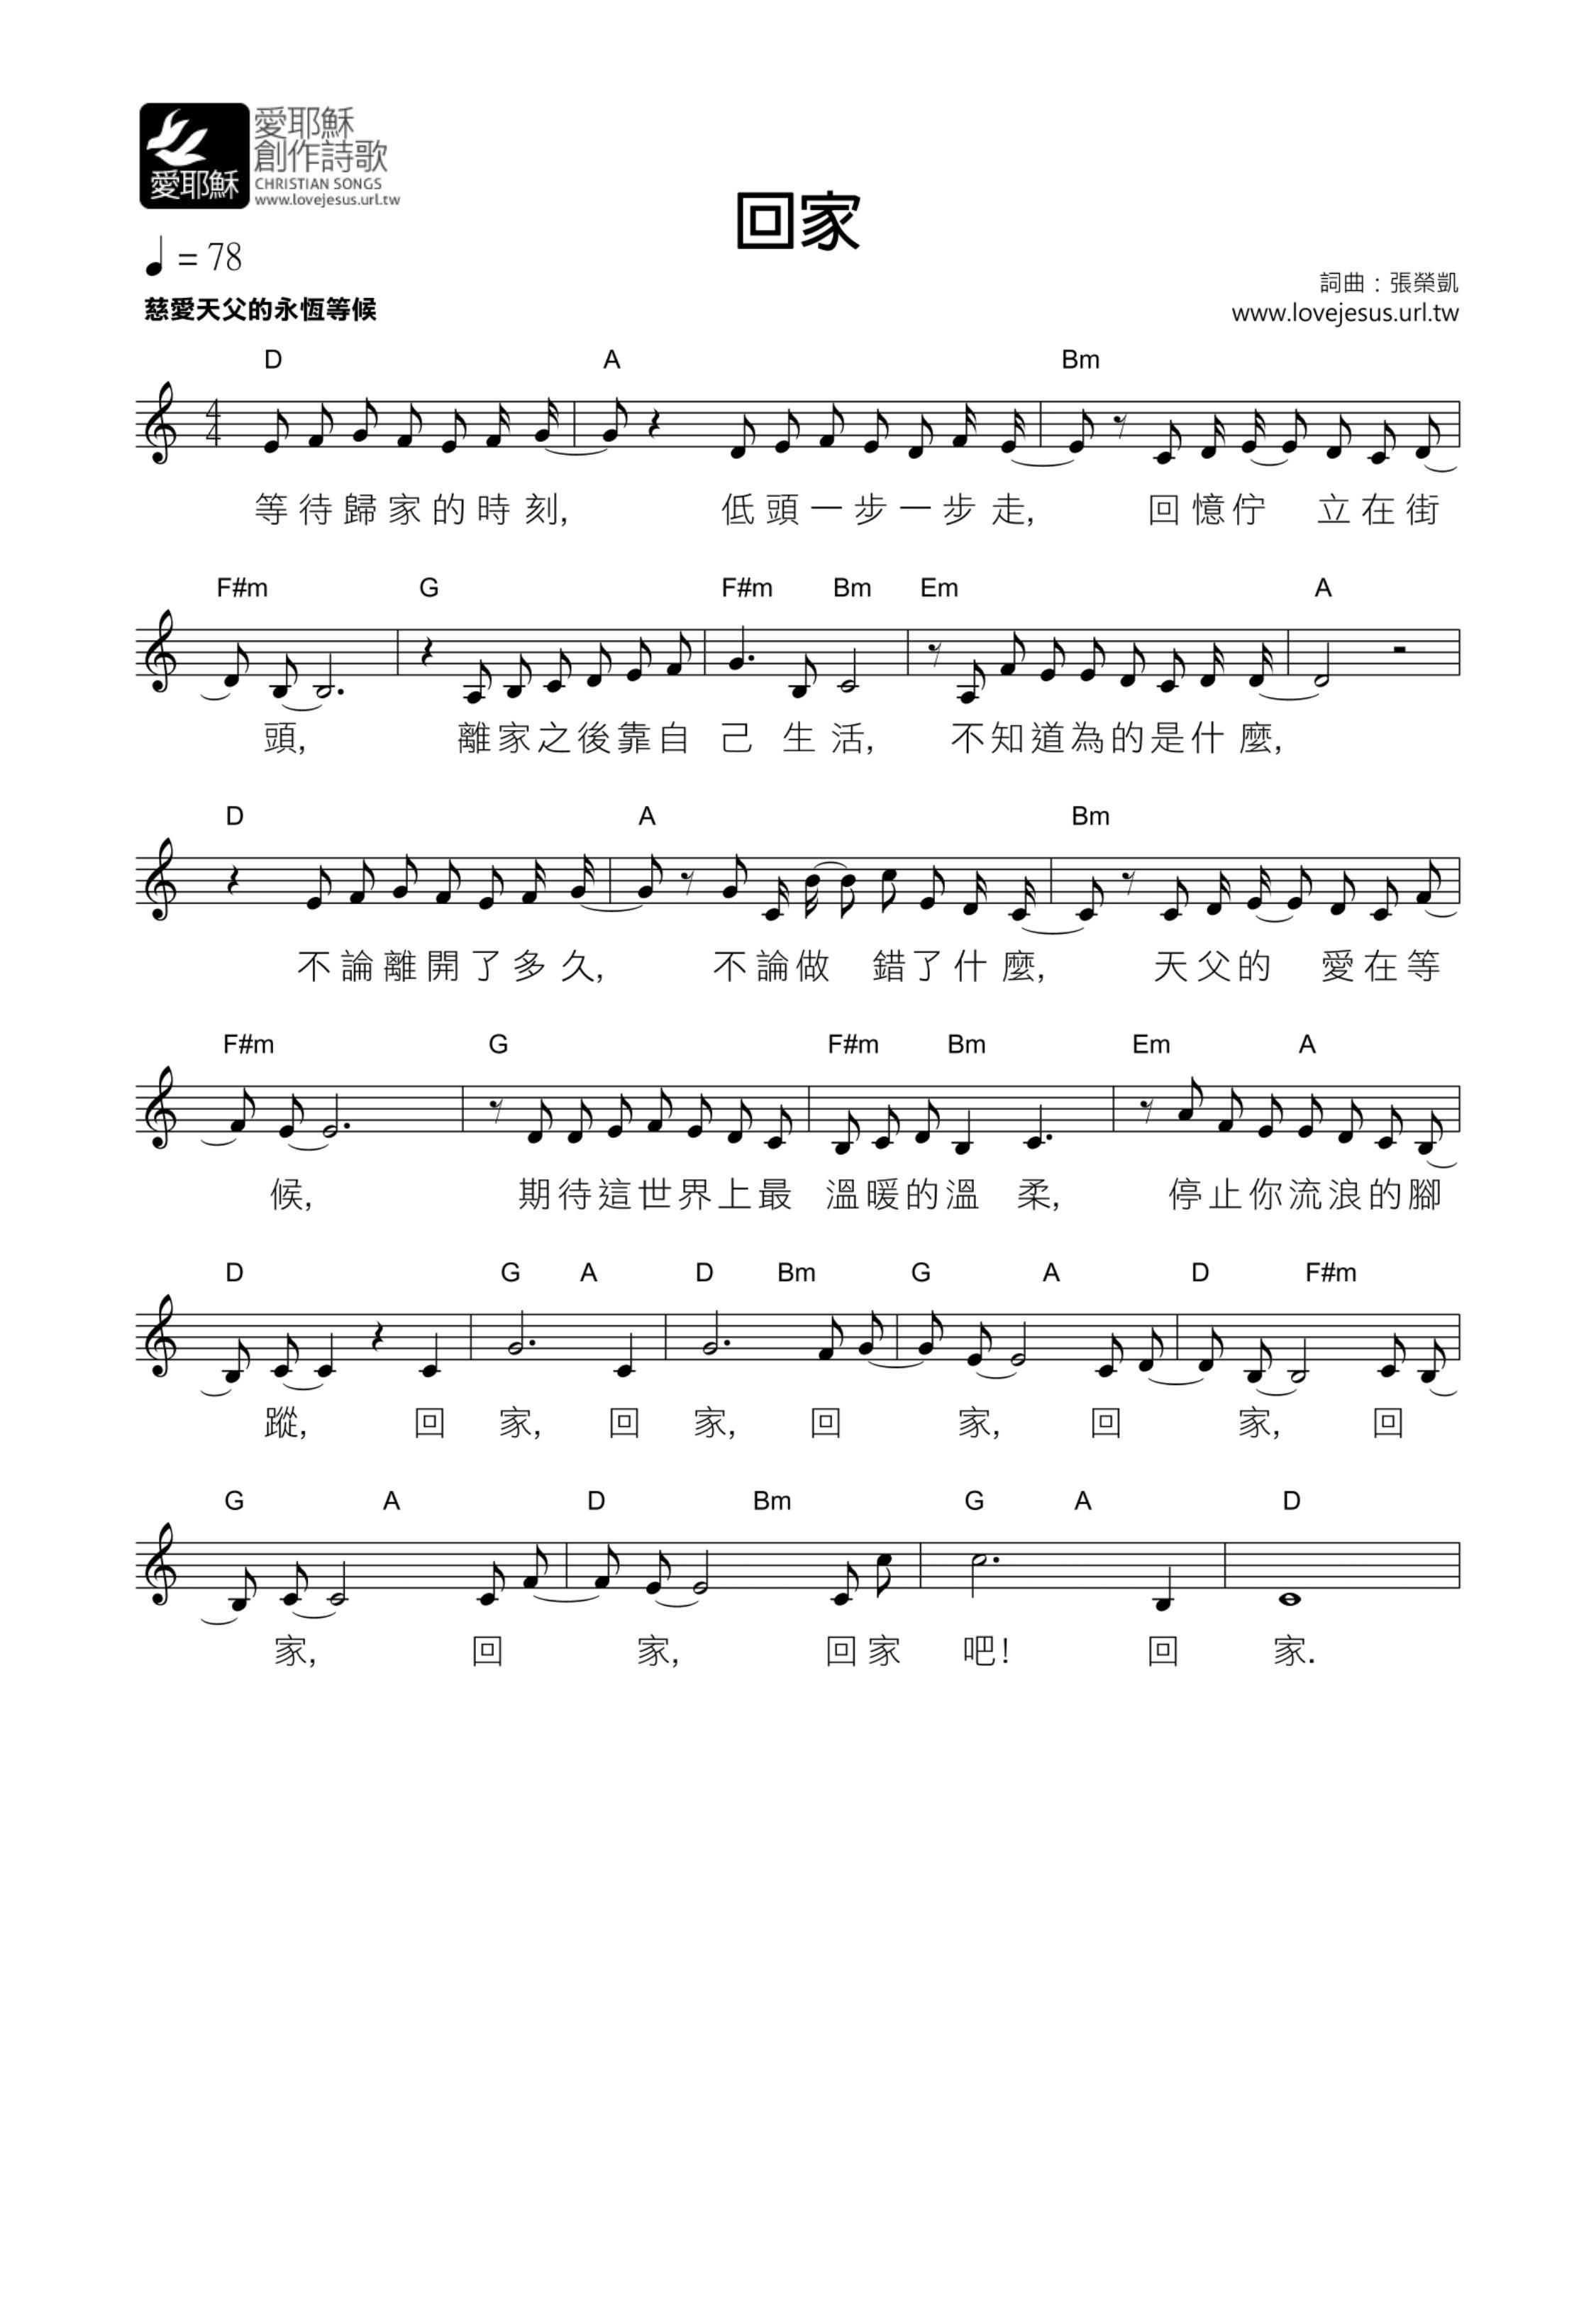 《回家 官方和弦五线谱》